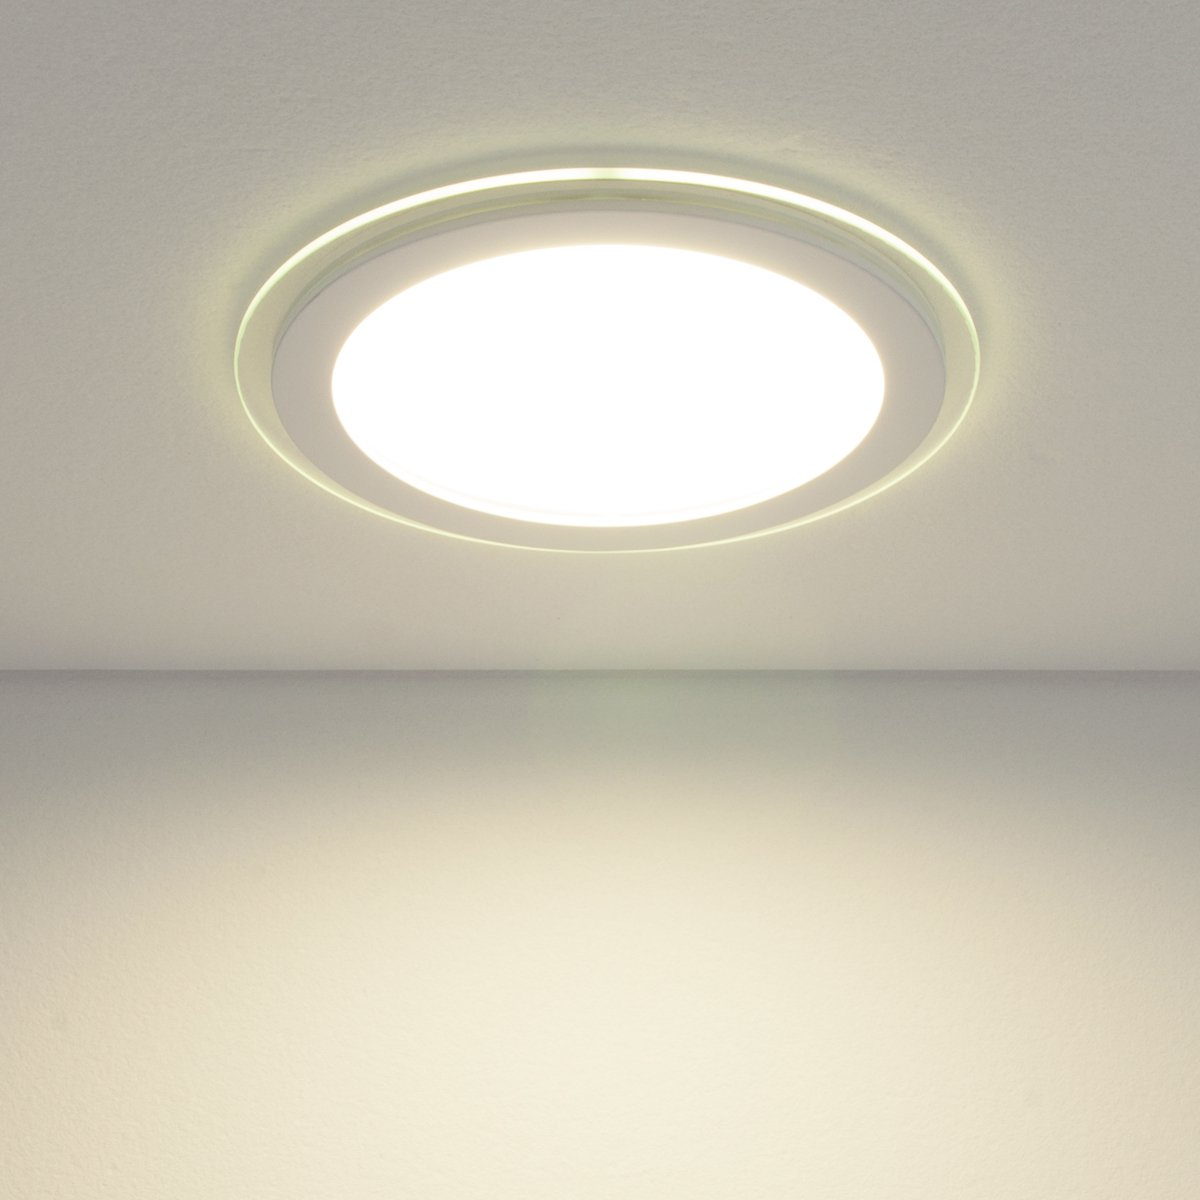 Фото Встраиваемый светильник Elektrostandard Downlight a031836